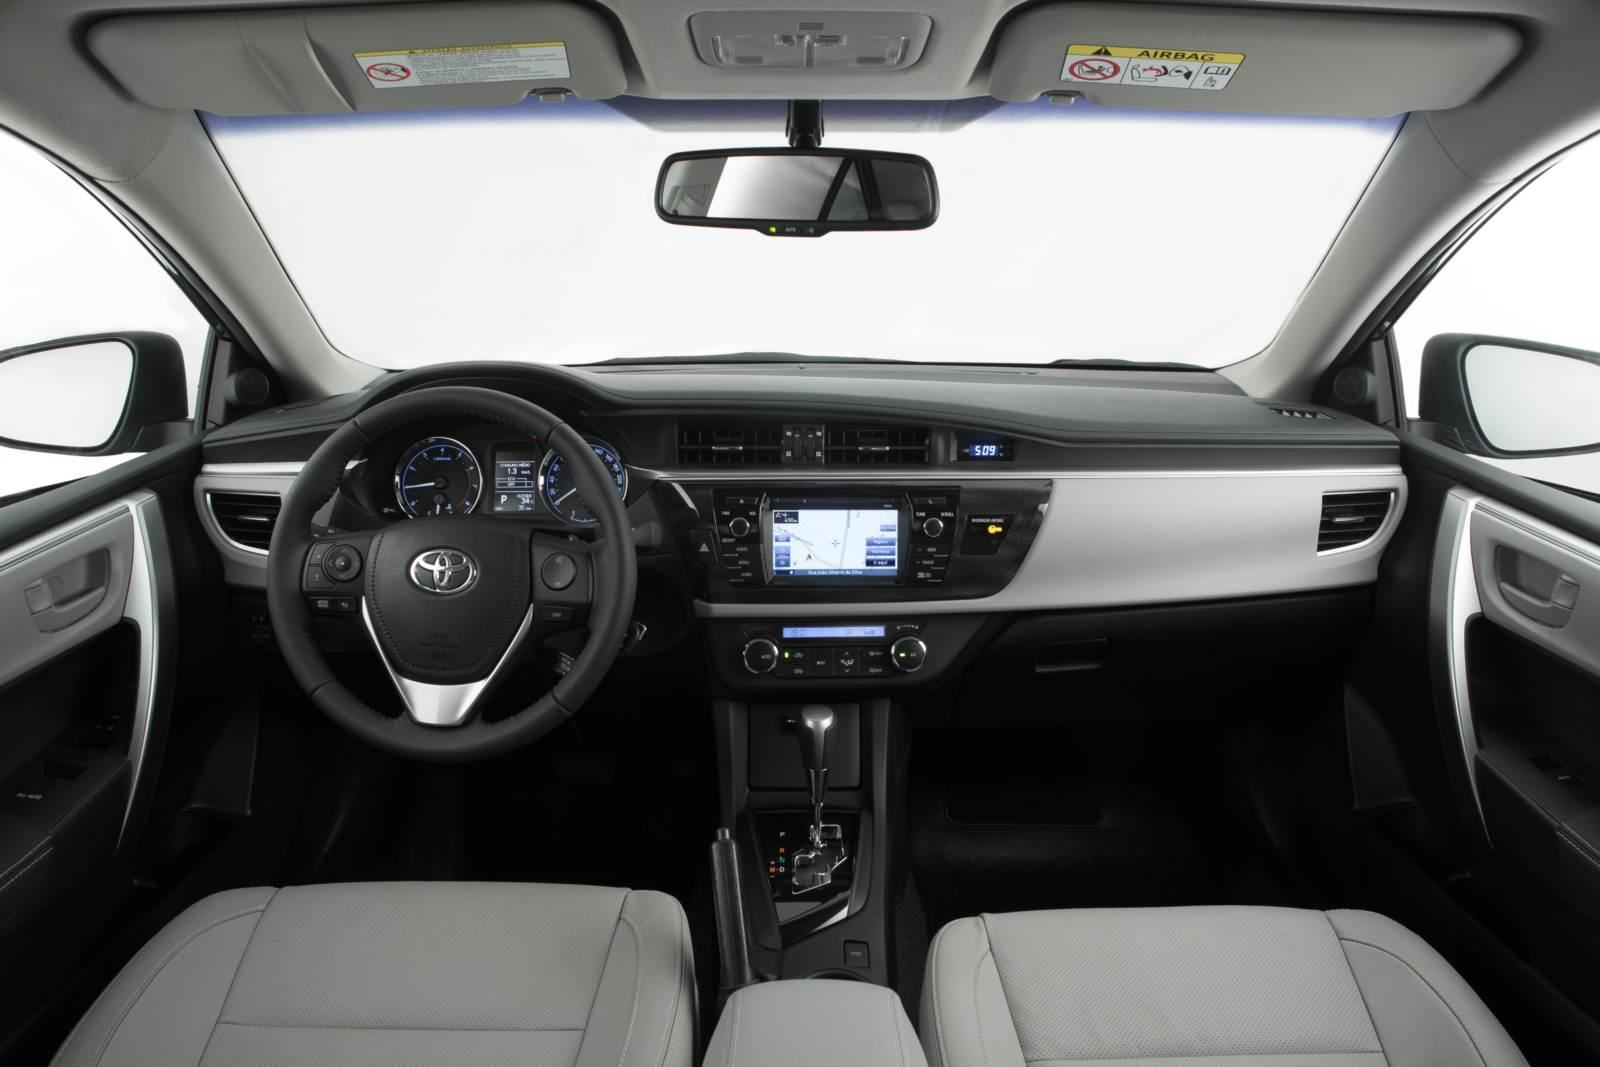 Novo toyota corolla 2015 v deo oficial de apresenta o - 2015 toyota corolla interior lights ...